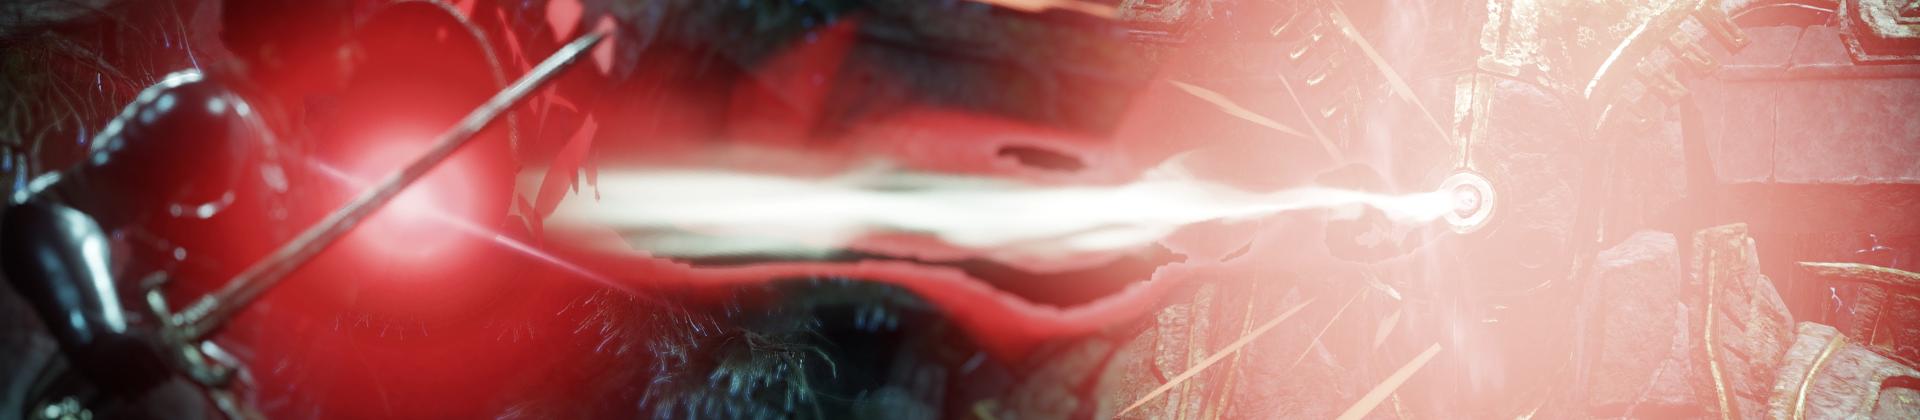 Ein Screenshot eines riesigen steinernen Behemoths, der aus seiner Gesichtsplatte einen roten Strahl auf einen Spieler schießt, der diesen mit seinem Schwert ablenkt.